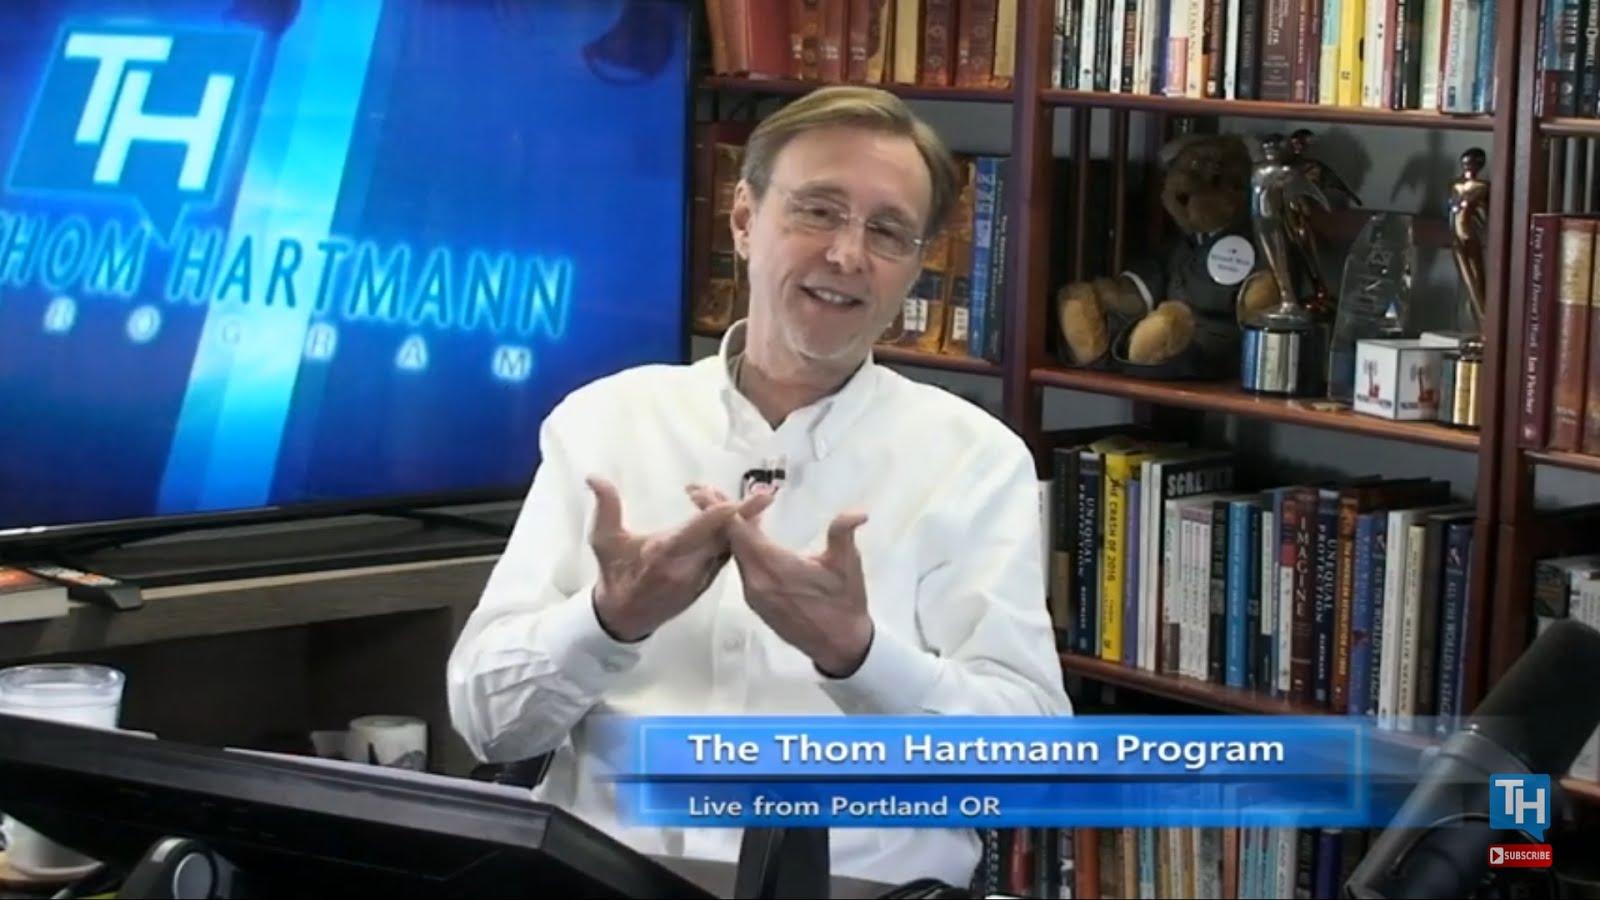 Thom Hartmann is a propagandist left-wing lunatic lying radio host